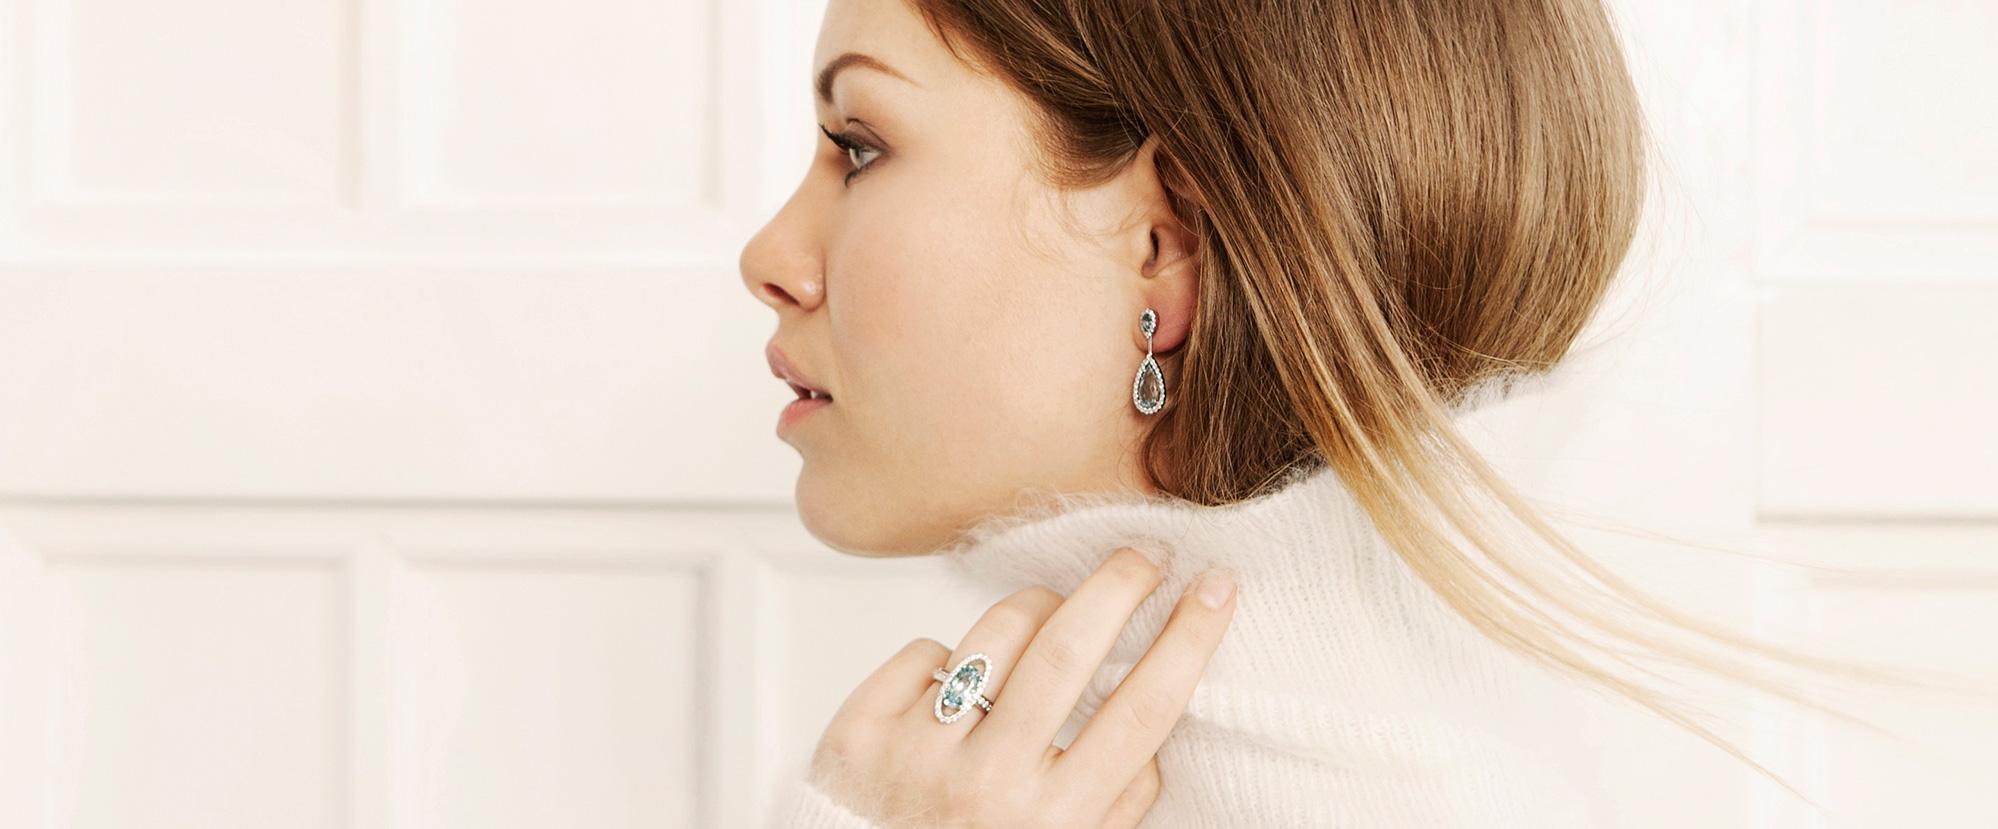 Platina ring en oorbellen met aquamarijn en diamant